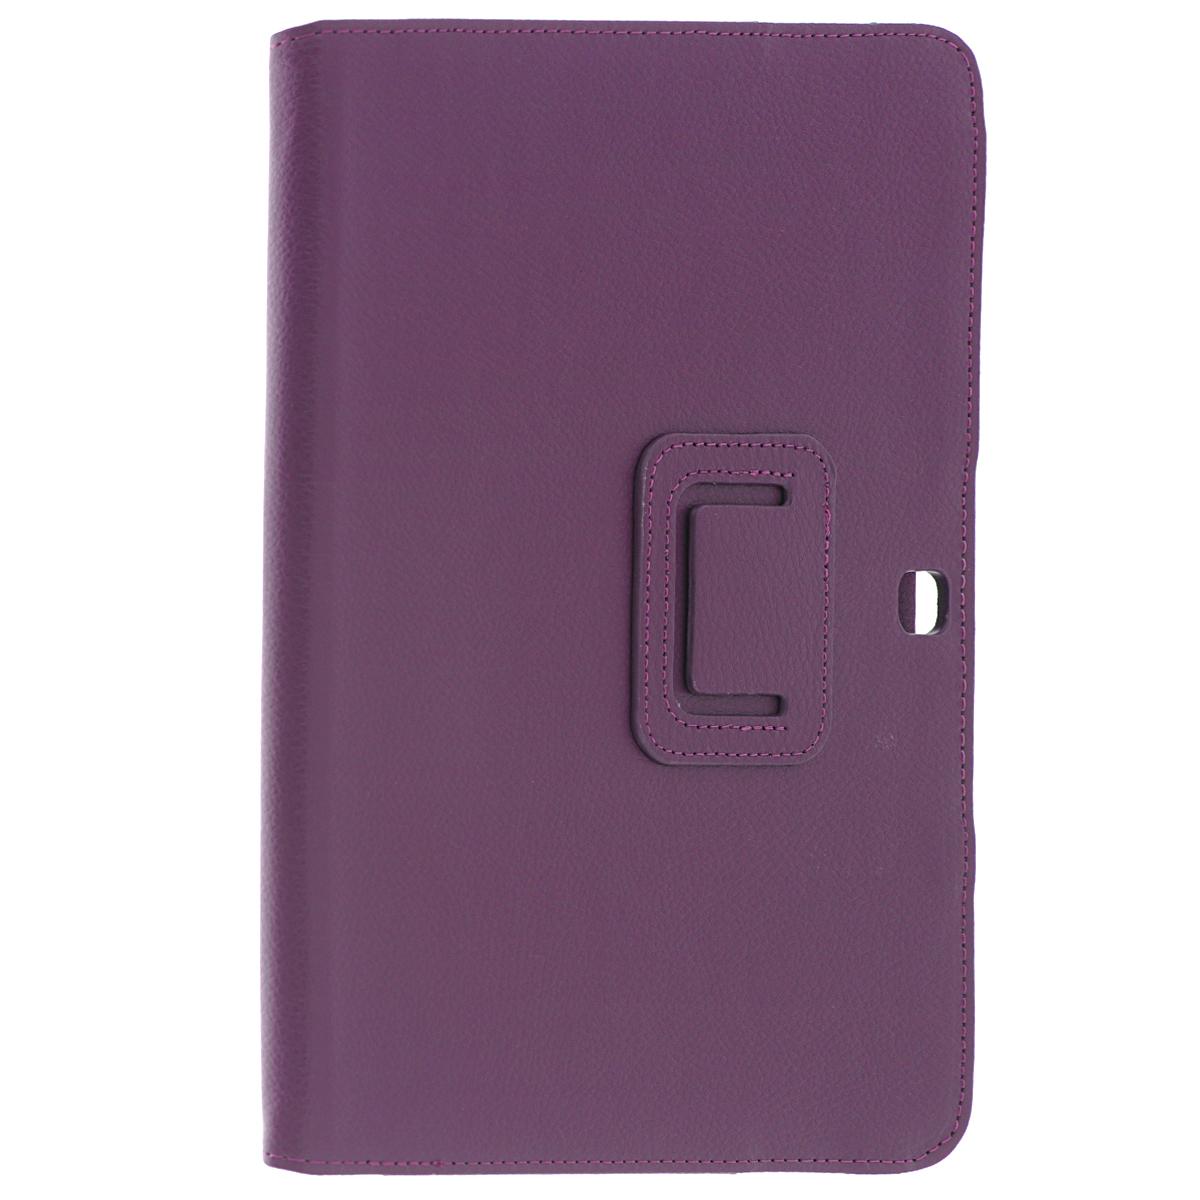 IT Baggage чехол для Samsung Galaxy Tab 4 10.1, PurpleITSSGT1042-4IT Baggage для Samsung Galaxy Tab 4 10.1 - удобный чехол для вашего планшета. Он сохранит ваш планшет от царапин, пыли и грязи. Даже при частом использовании в нём вашего планшетного компьютера, его хватит на несколько лет. Может быть использован в качестве подставки для чтения книг и просмотра фильмов.